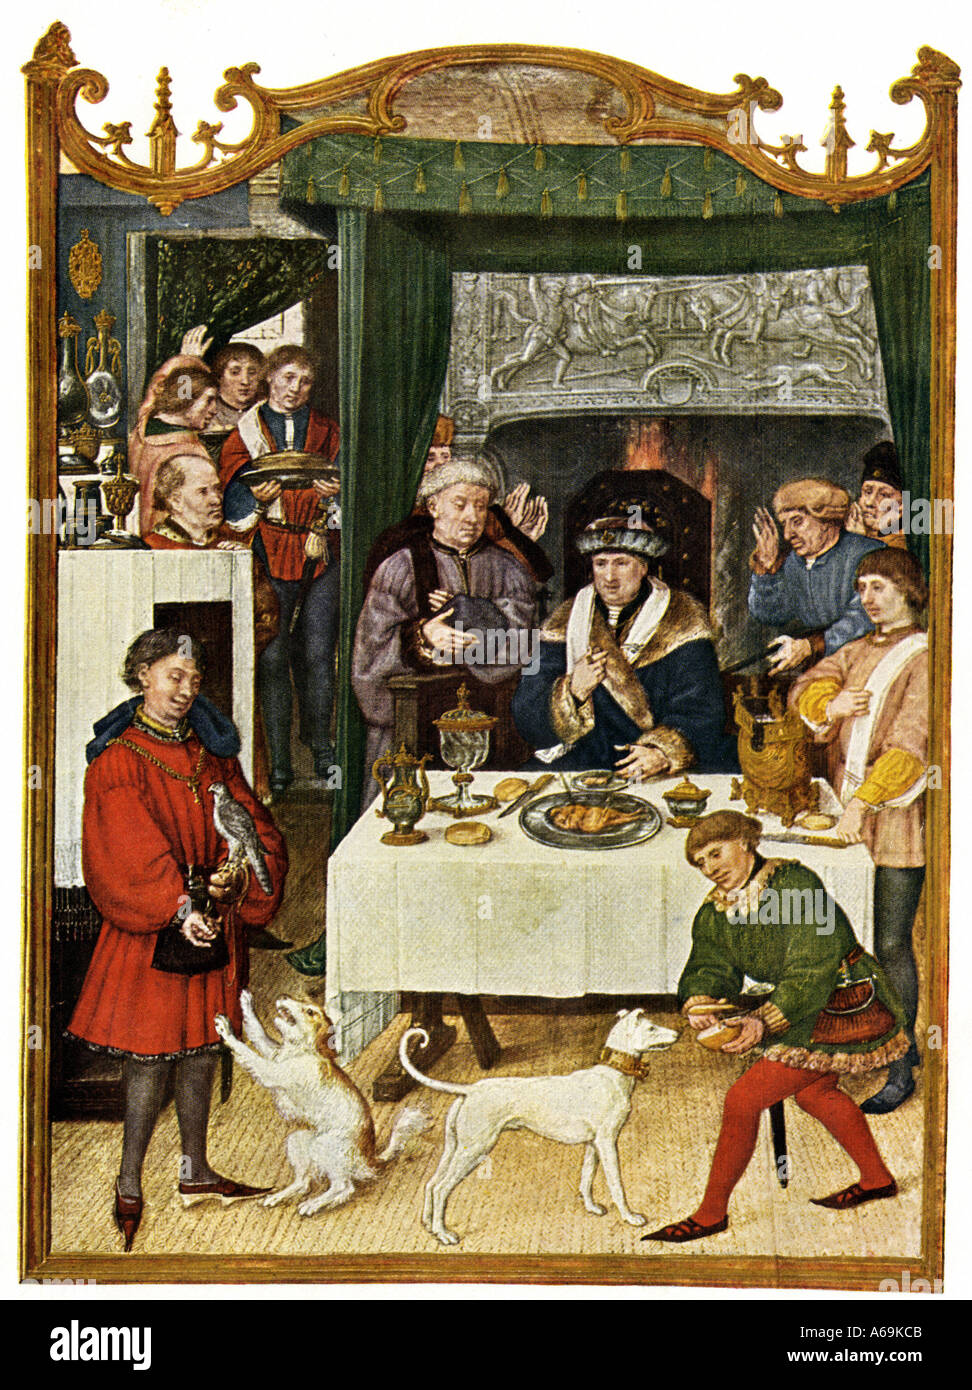 Benestante famiglia a tavola nel Medioevo. Colore mezzetinte Immagini Stock